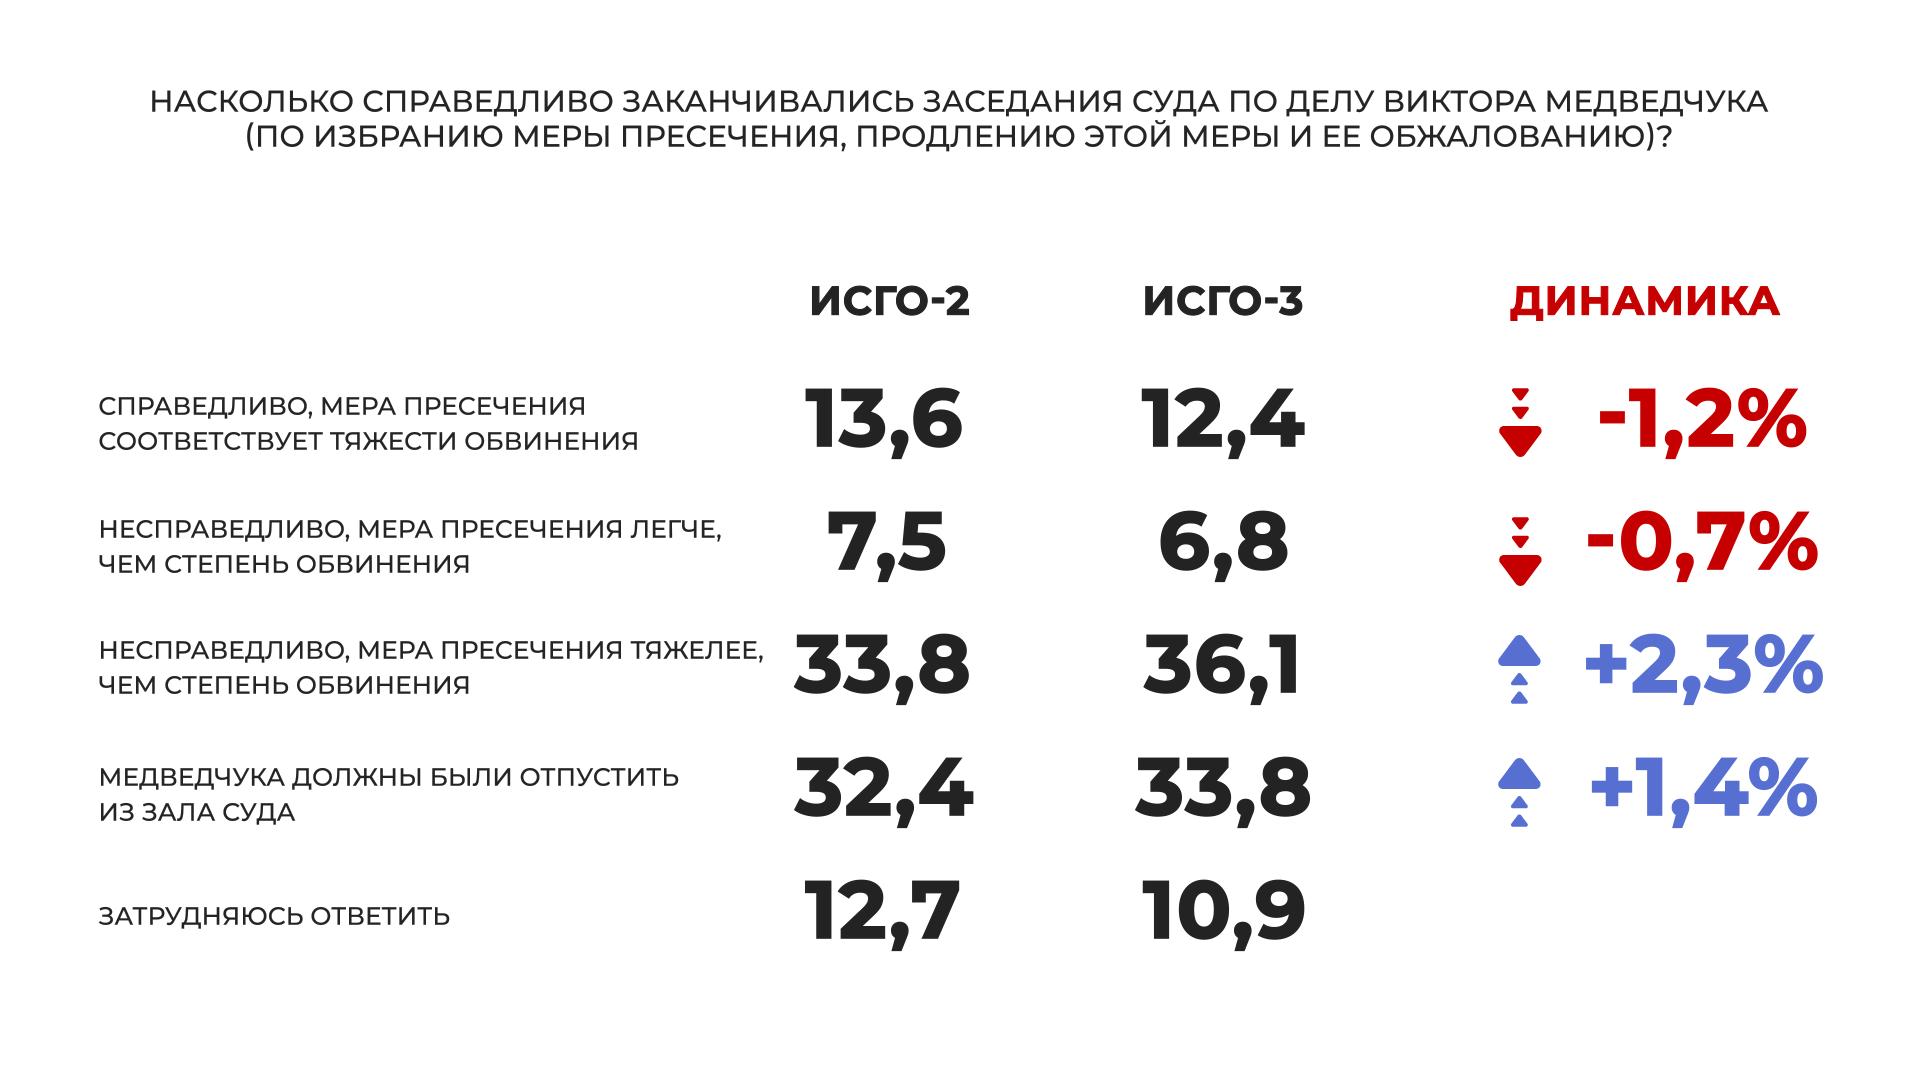 """""""Слуга народа"""" и """"Оппозиционная платформа – За жизнь"""" – лидеры парламентских выборов, большинство украинцев считают, что Медведчук невиновен, - соцопрос - фото 4"""